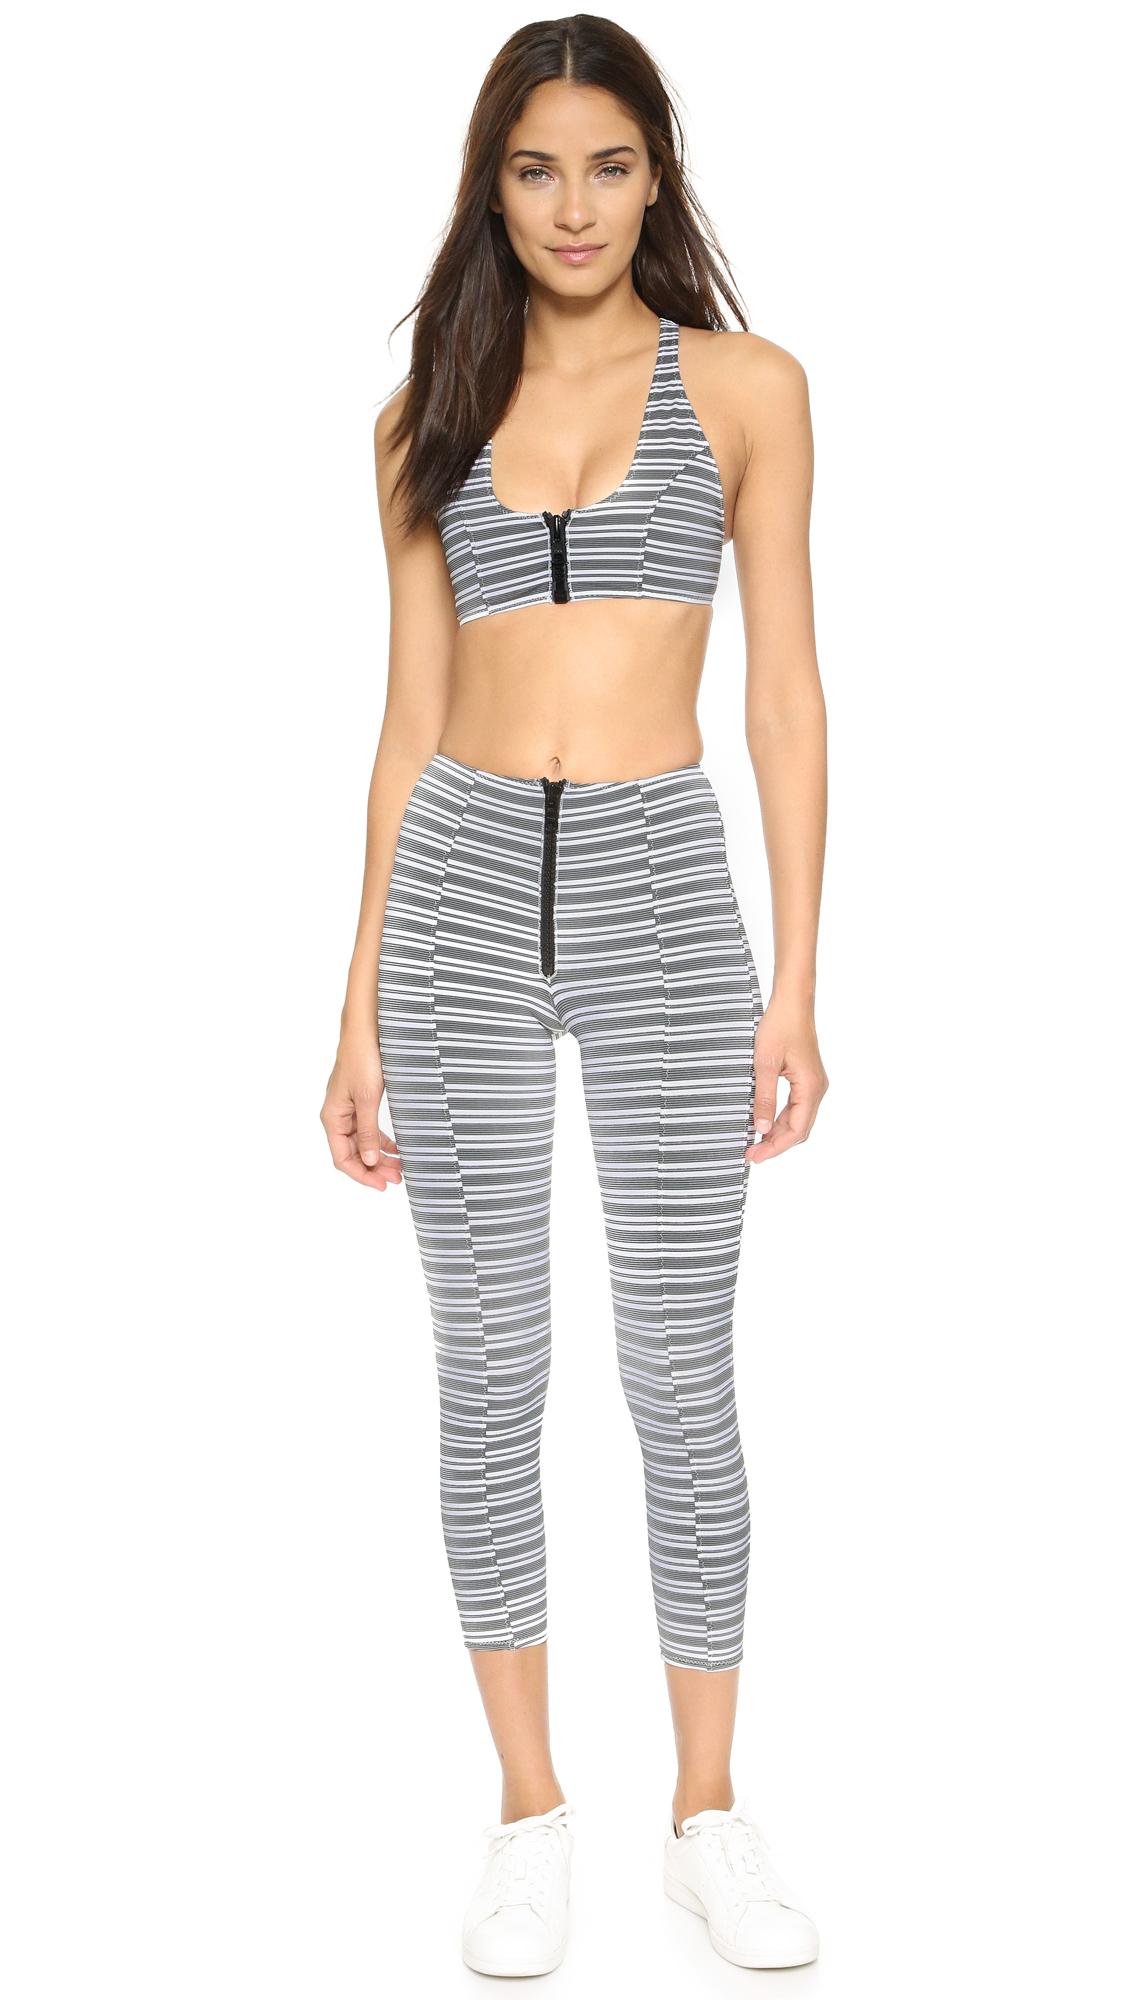 Yoke zip-front high-waisted leggings Lisa Marie Fernandez ICzklb